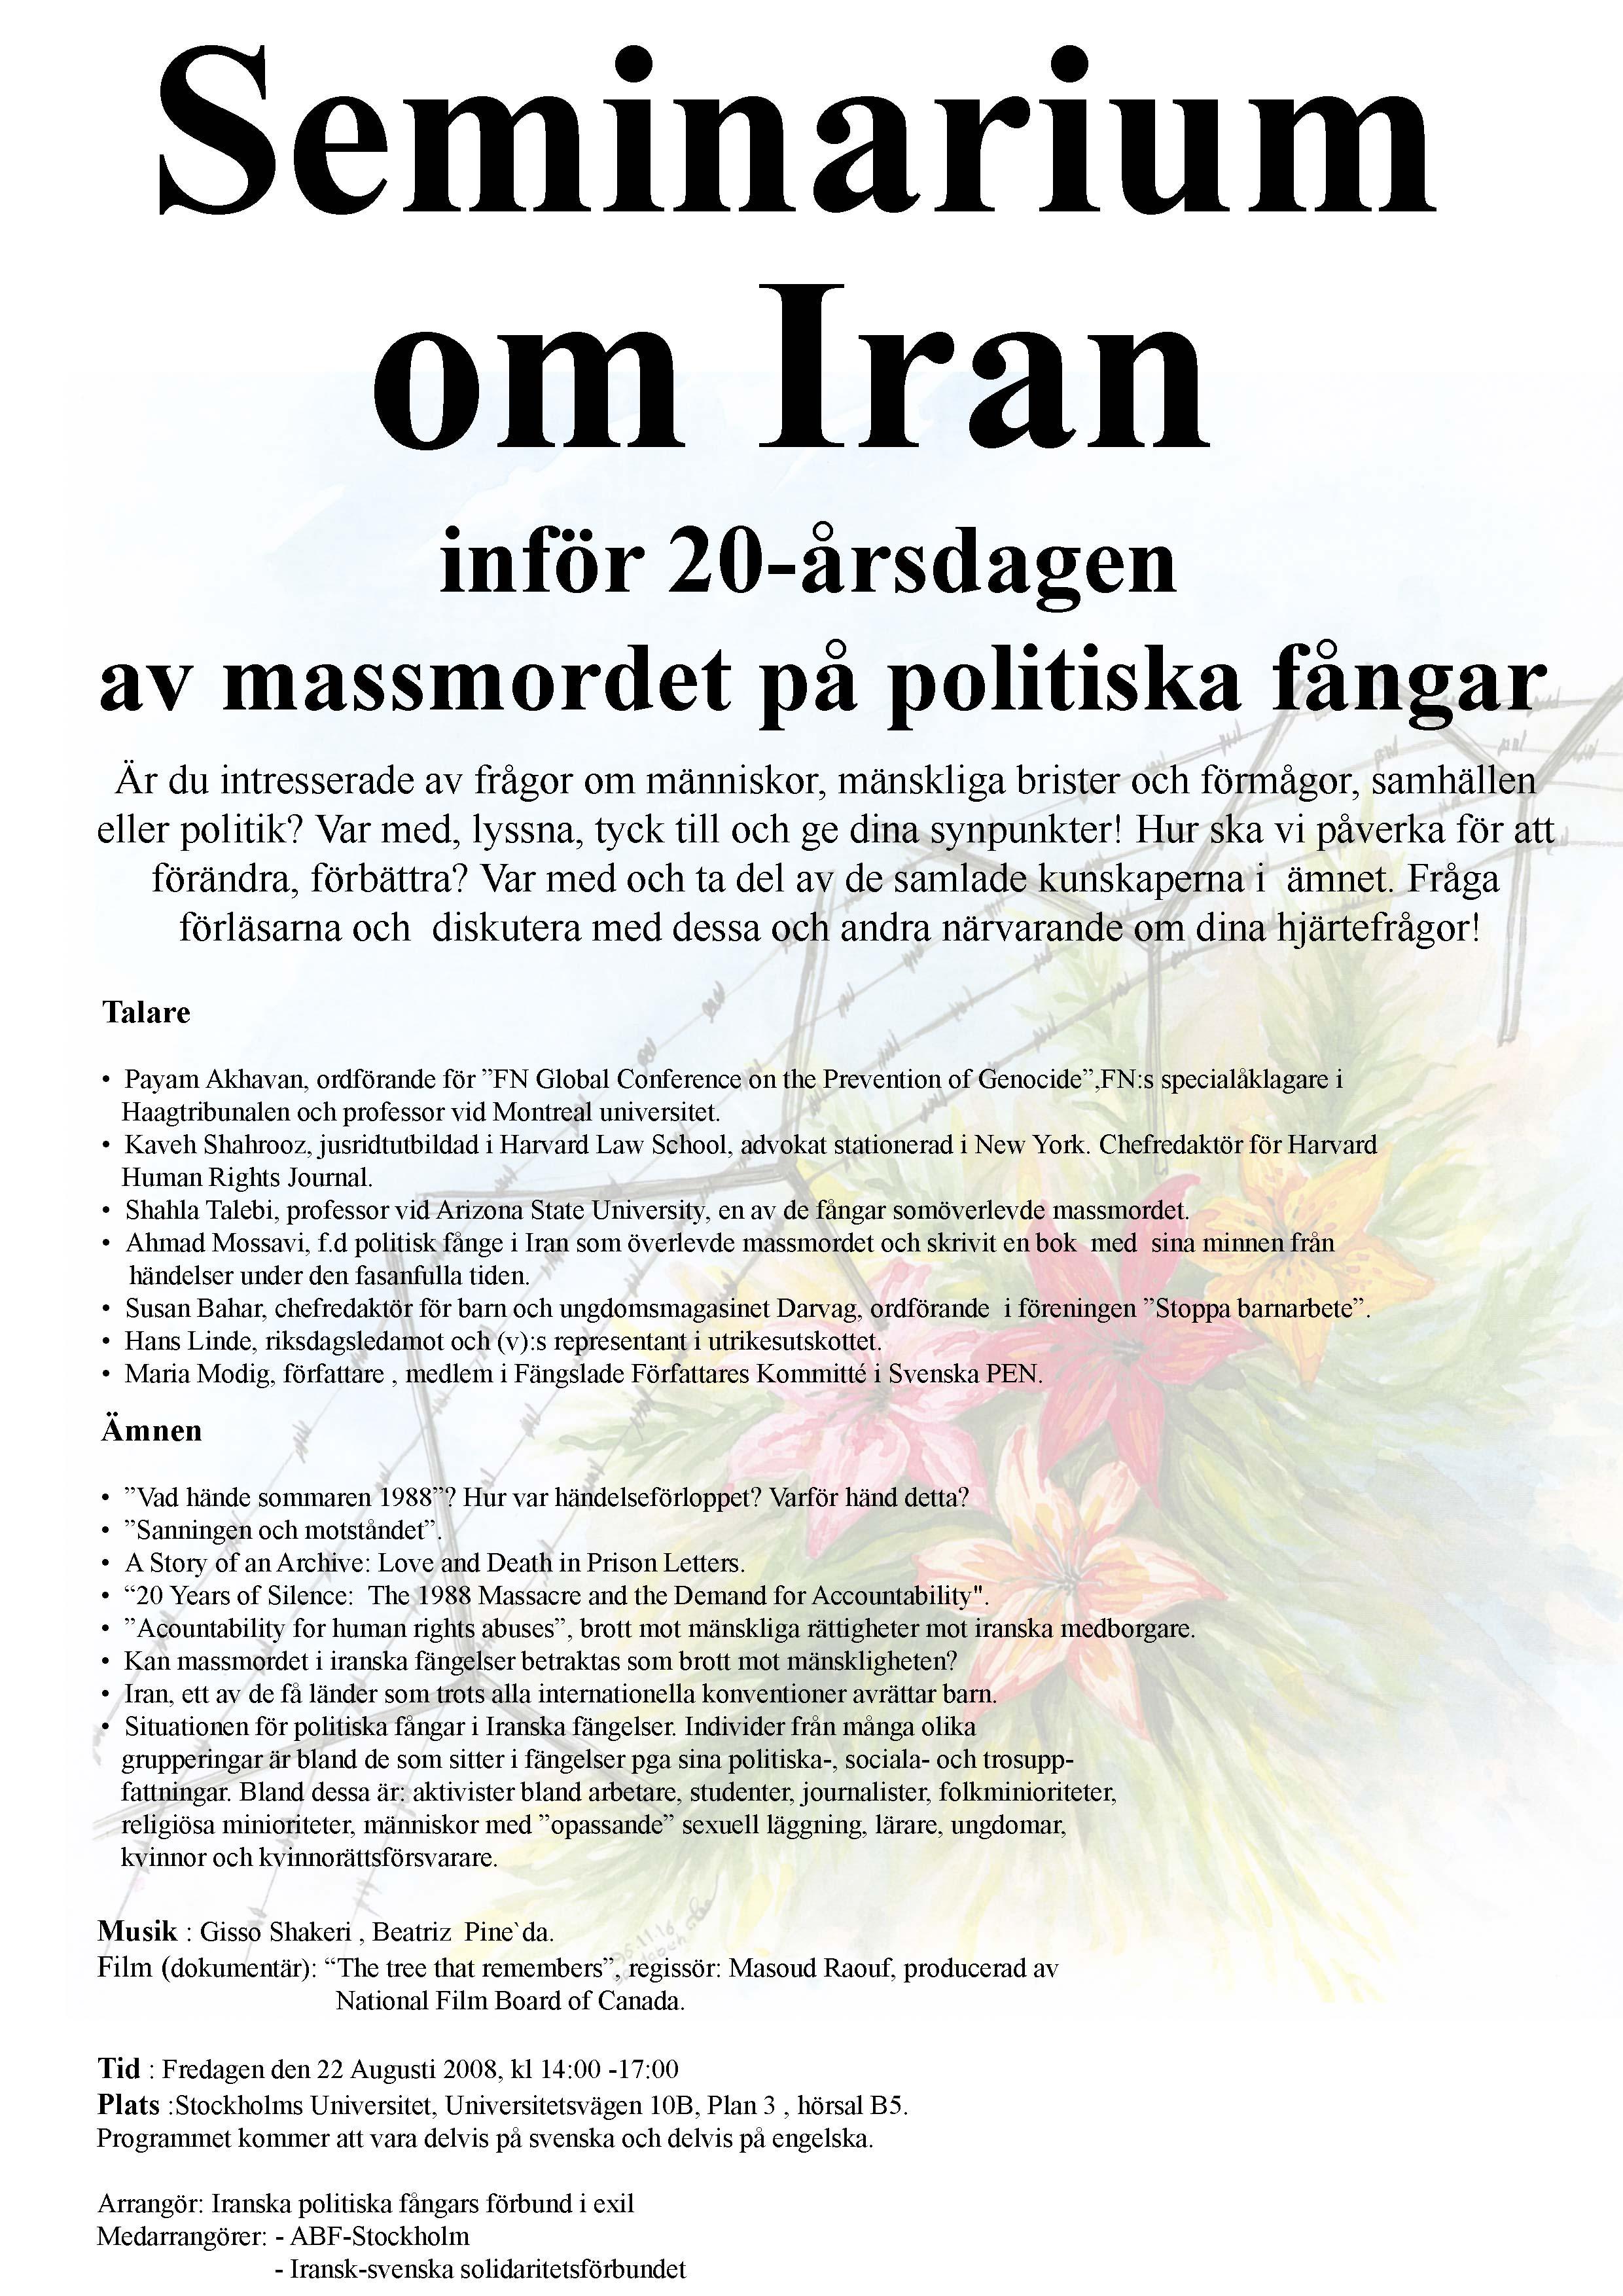 subject matter expert på svenska